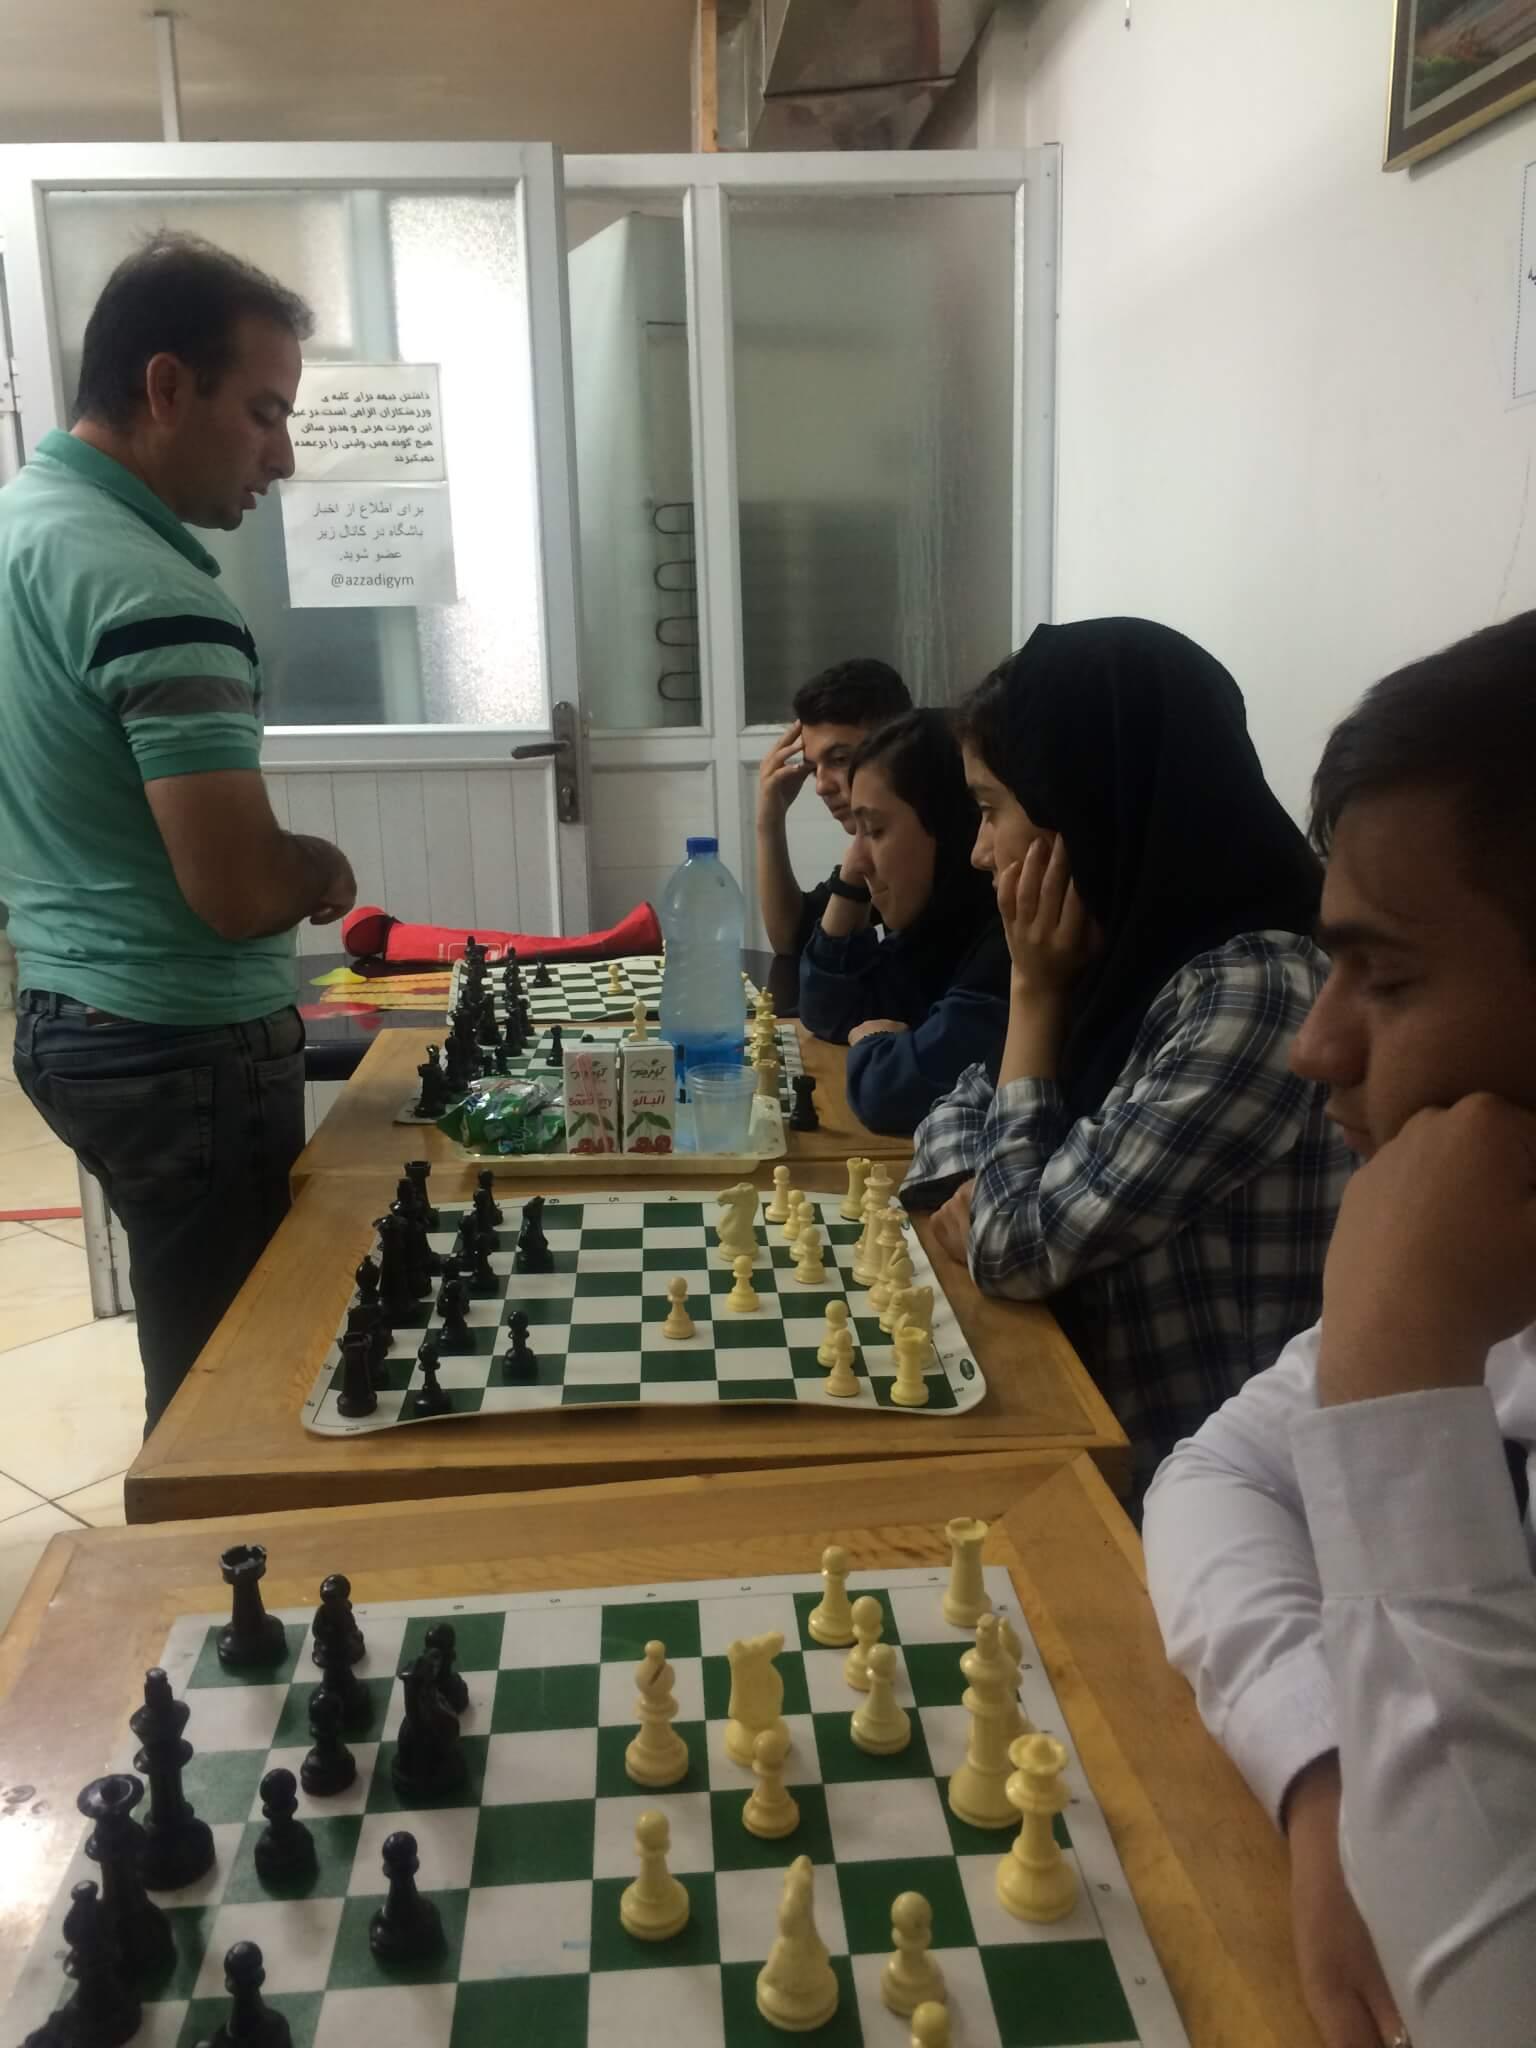 برگزاری کلاسهای پیشرفته شطرنج توسط استاد عیسی آبادی در هیات شطرنج رباط کریم